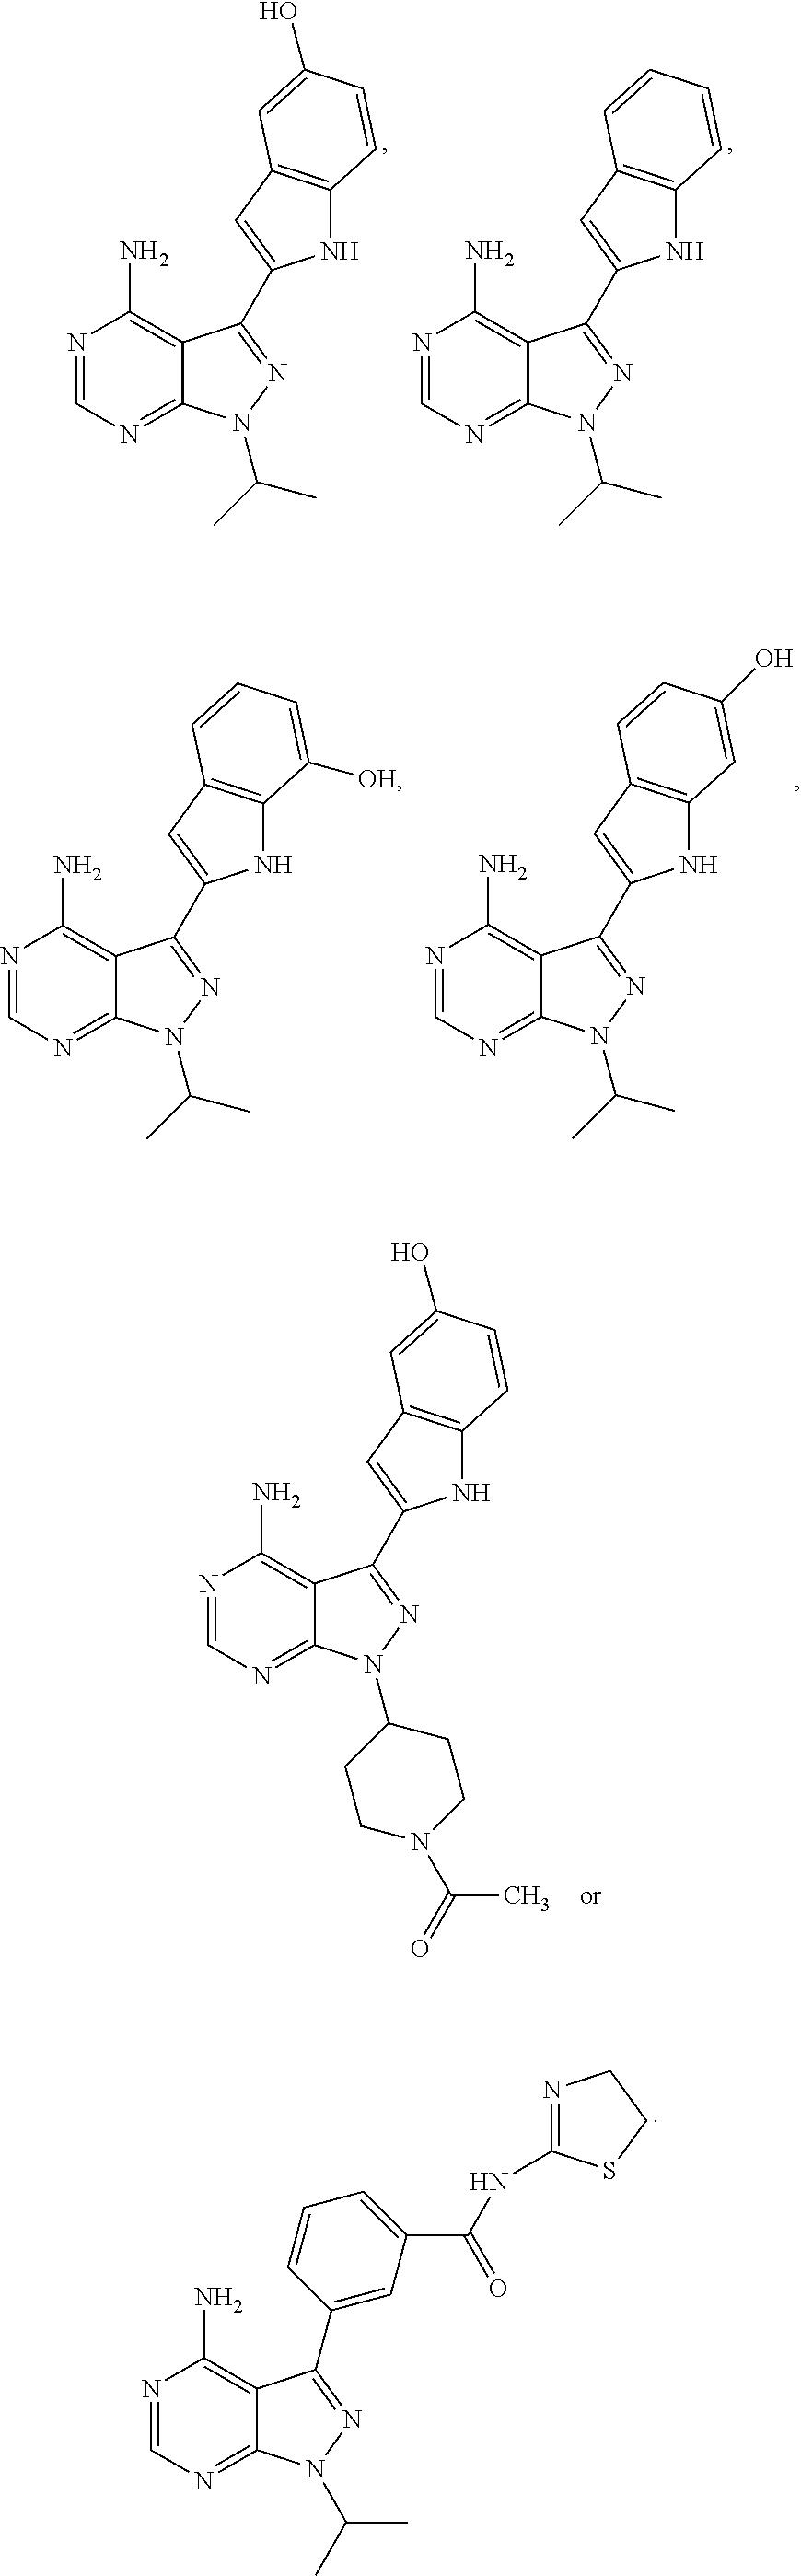 Figure US09629843-20170425-C00002